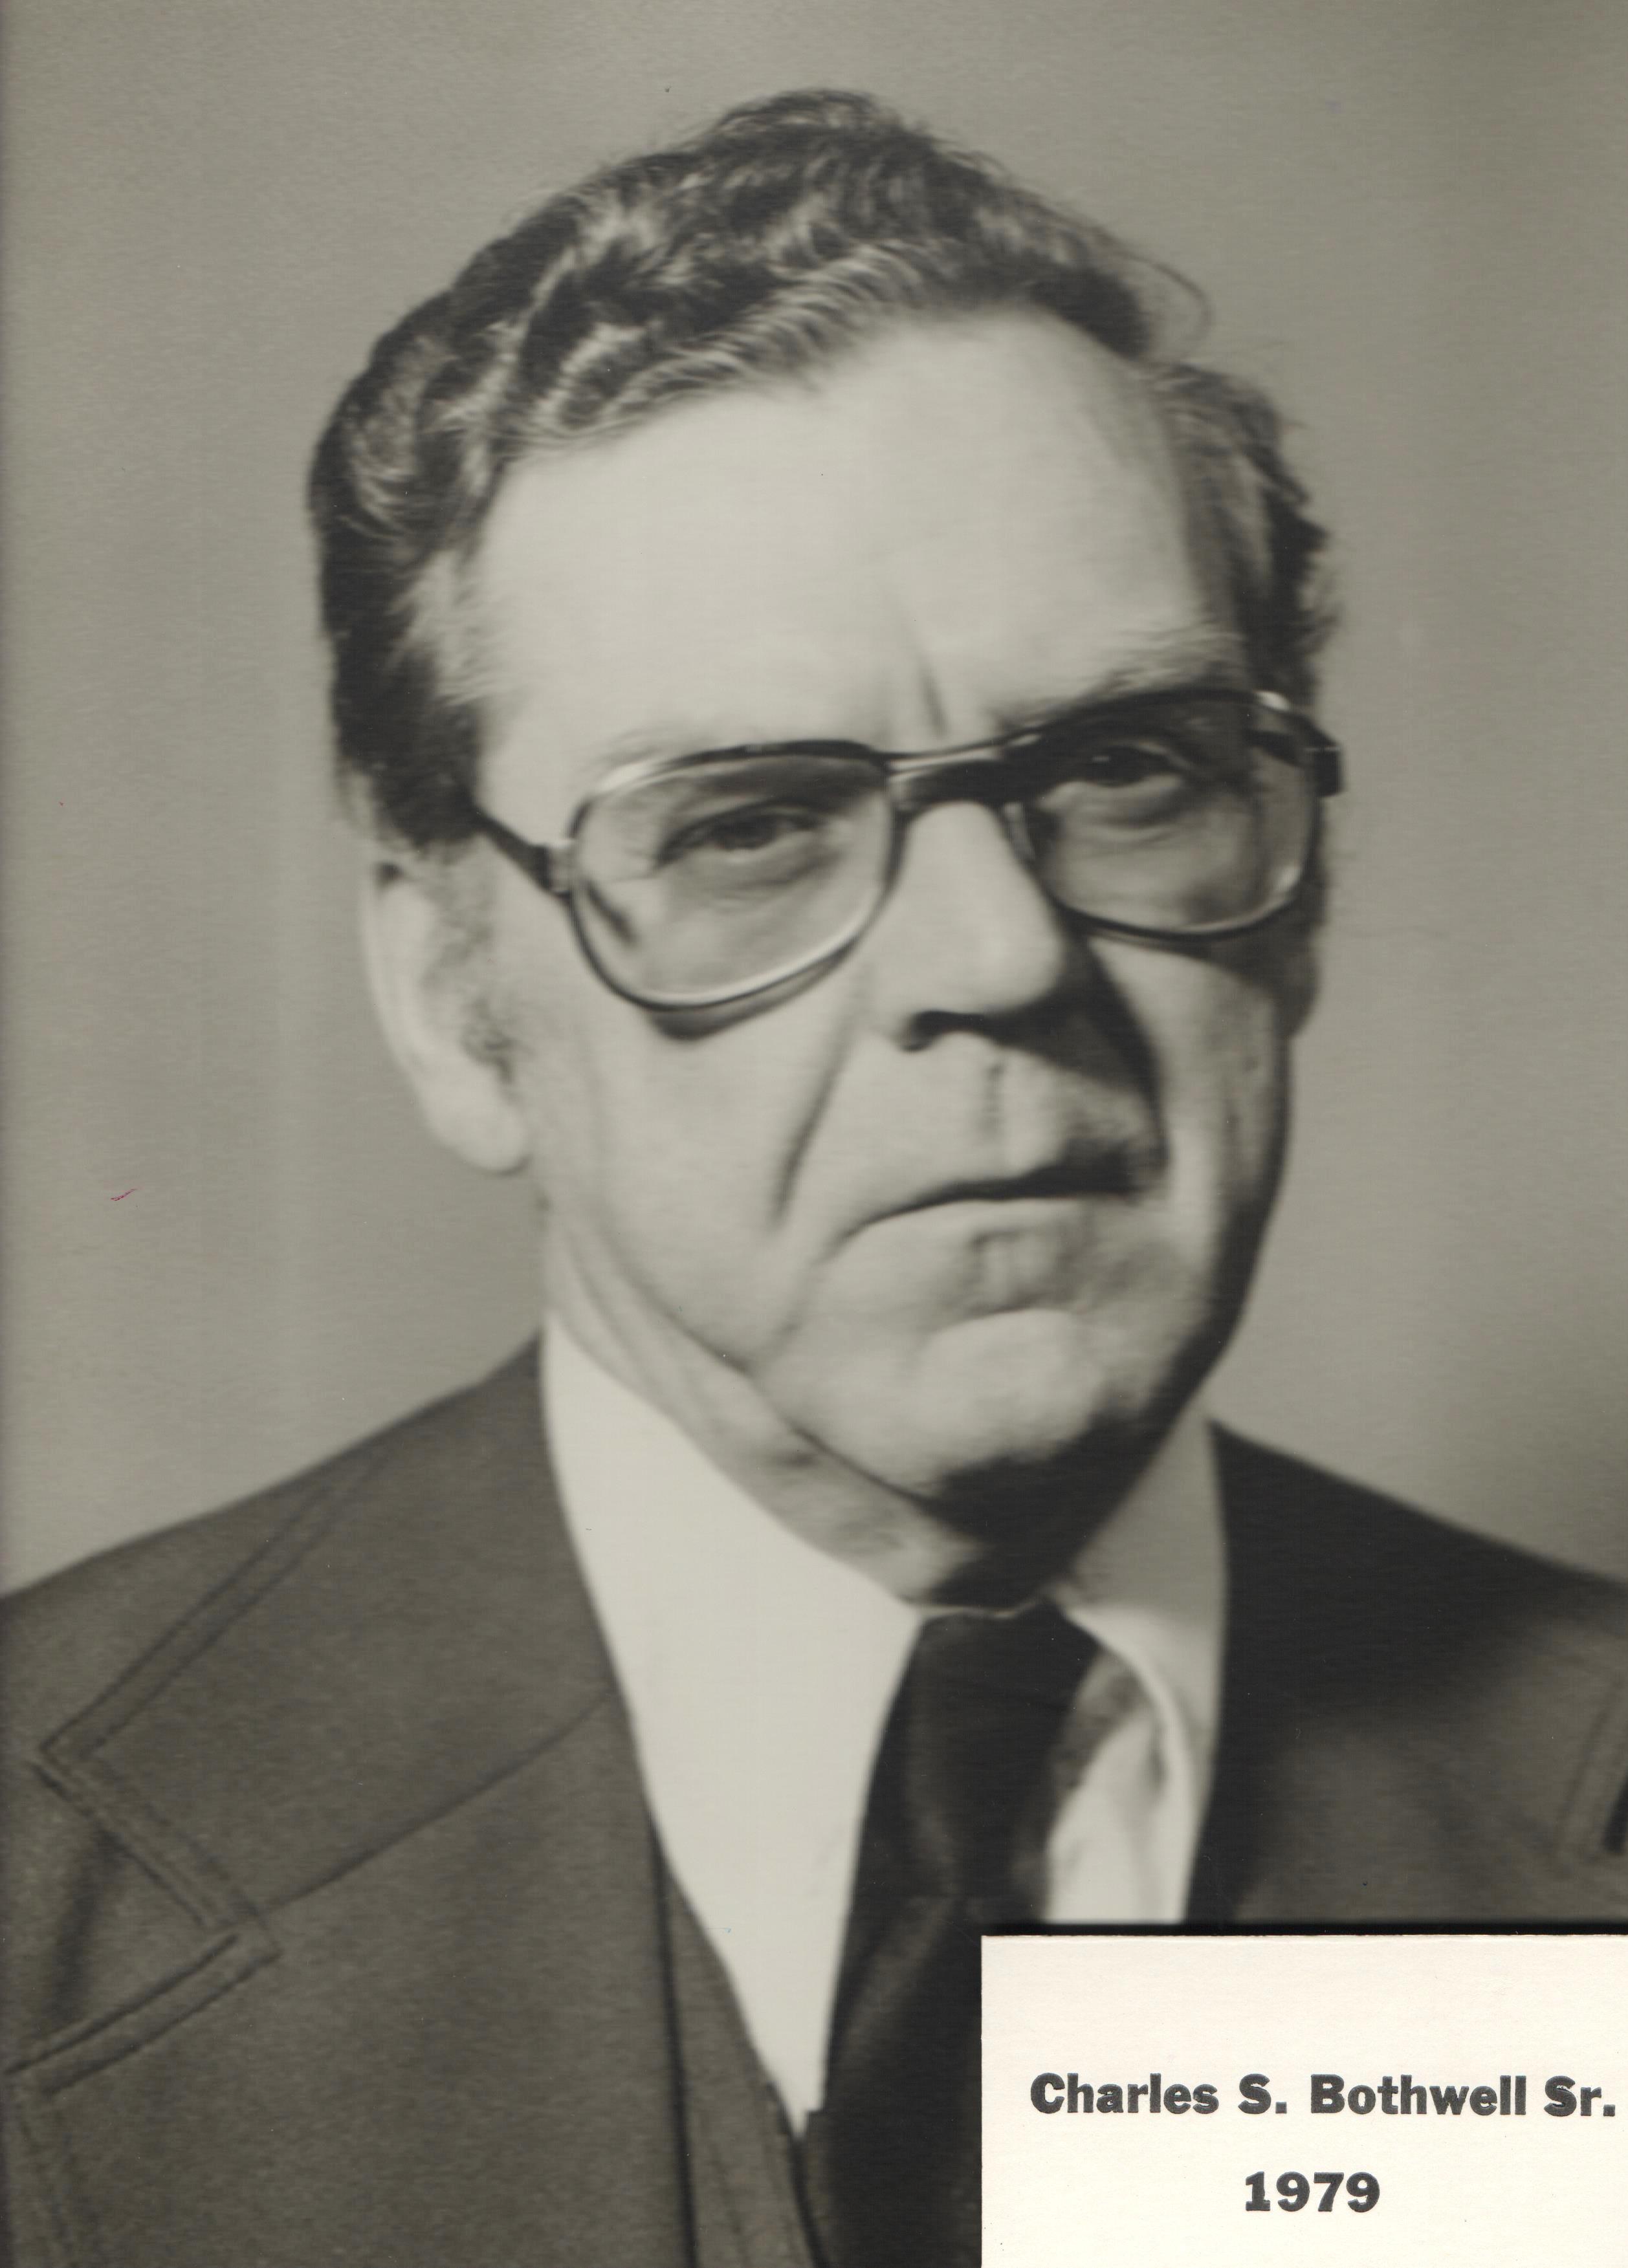 1979 Charles S. Bothwell Sr.